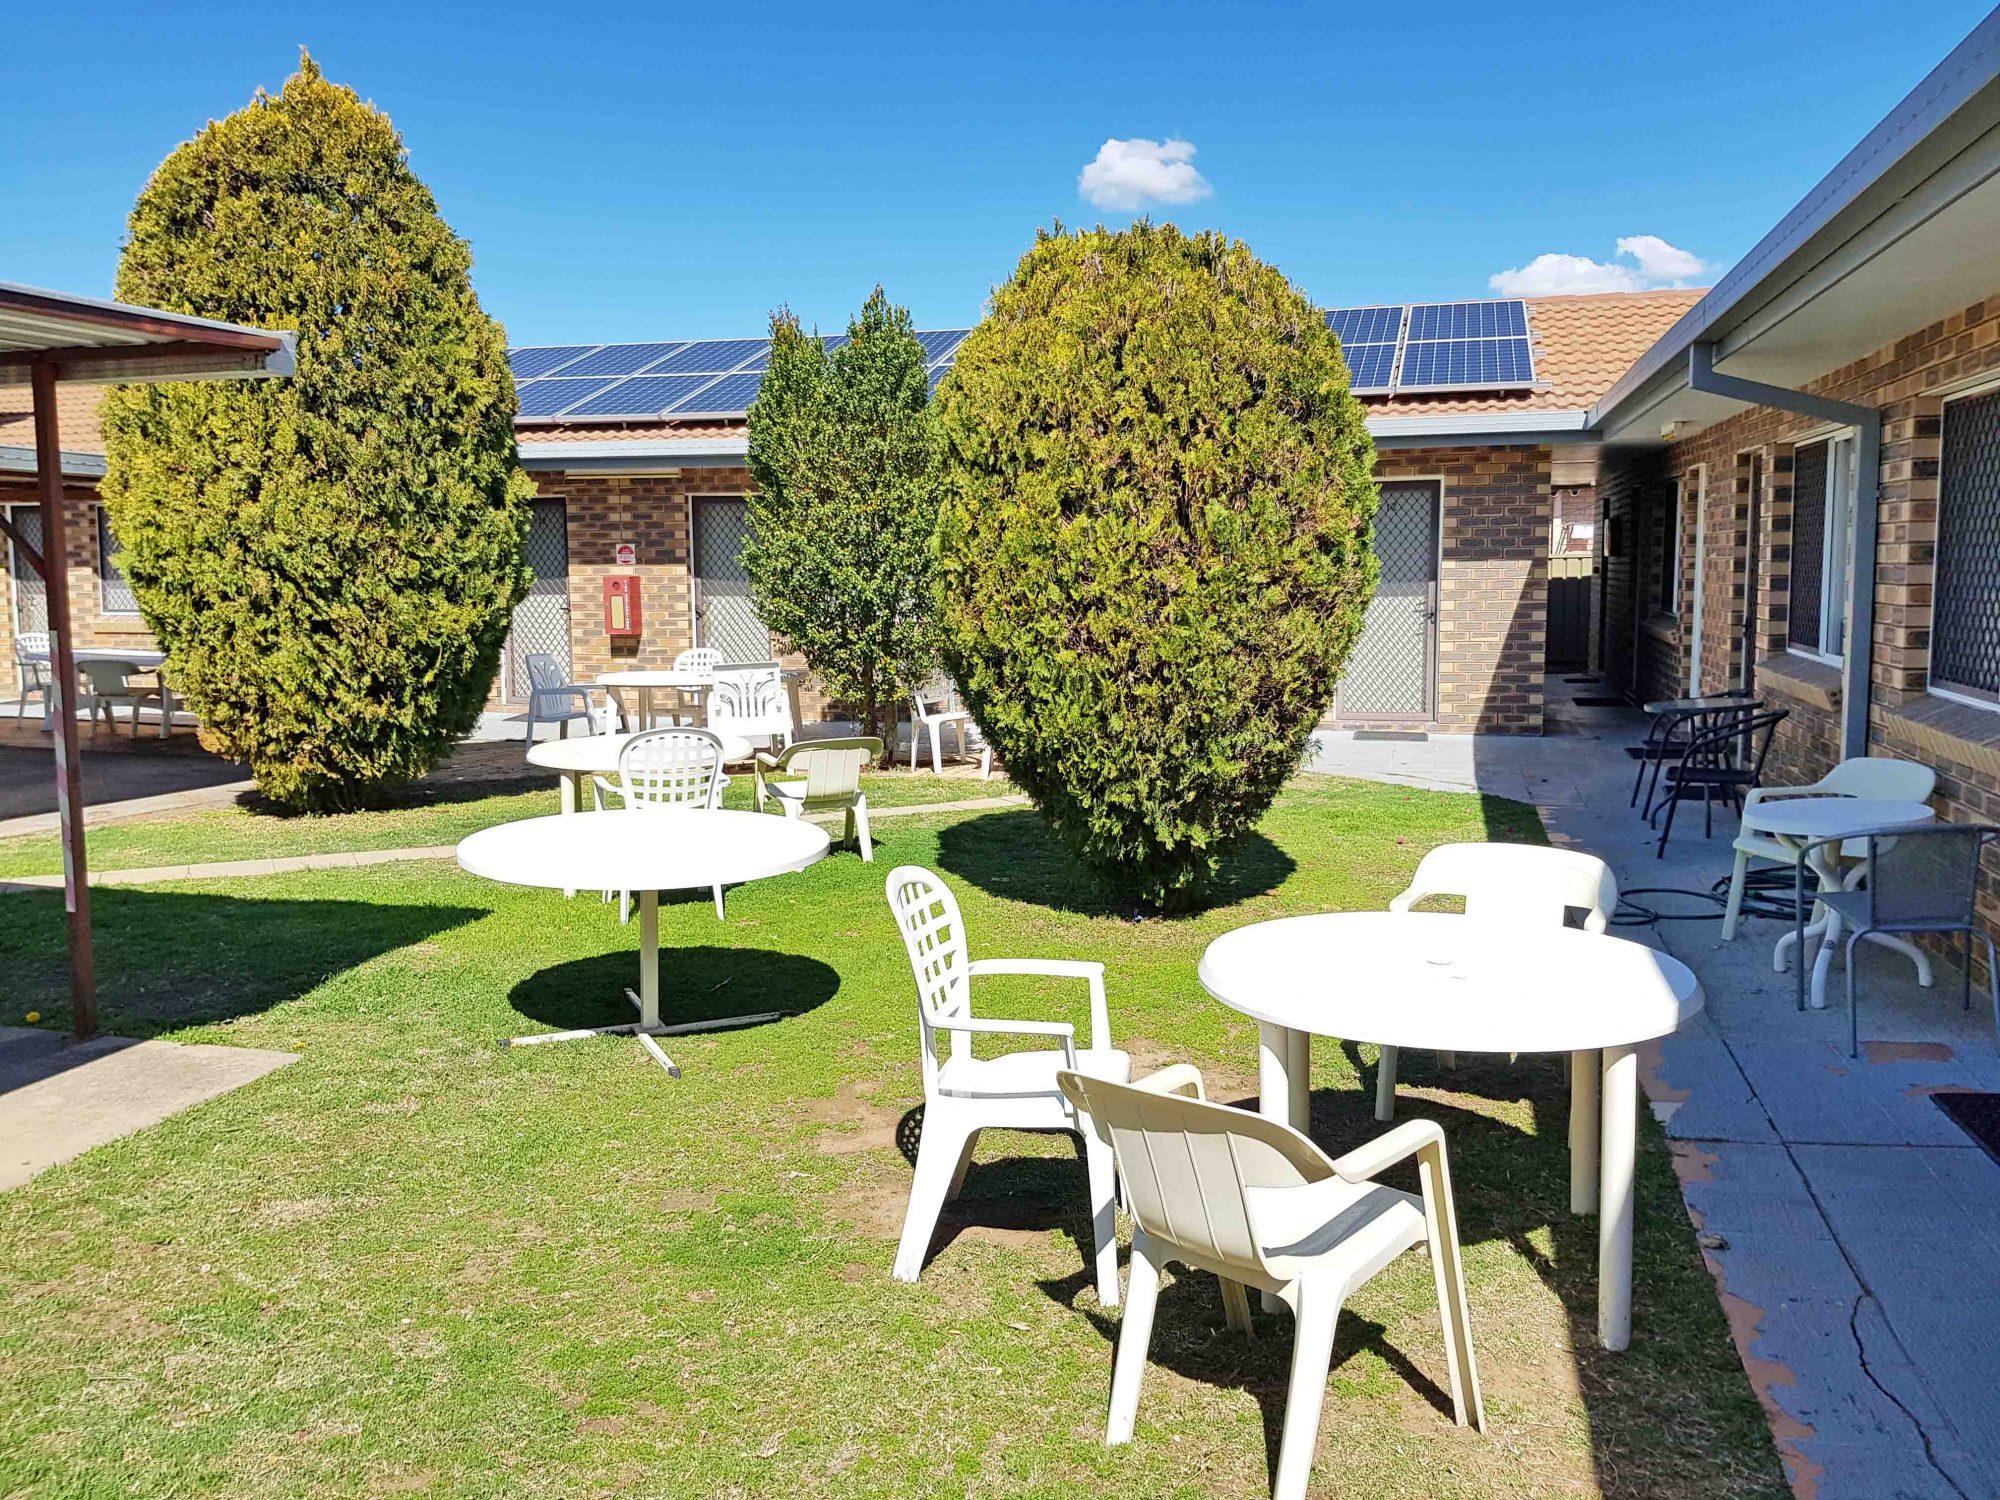 maria motel garden outdoor seating area